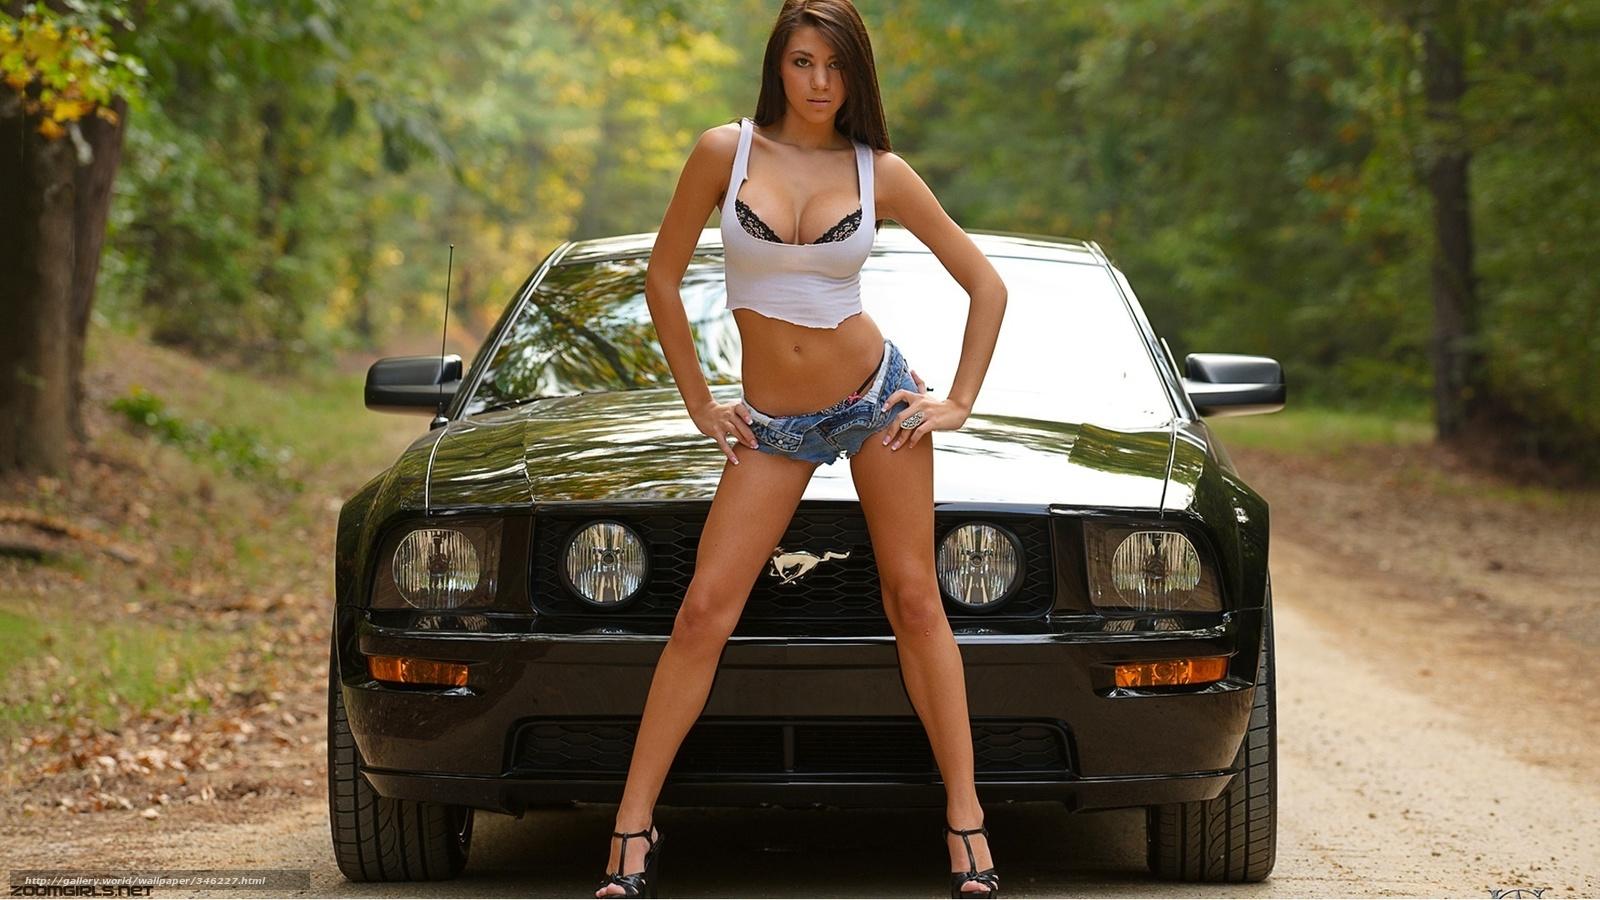 Сексуальная брюнетка на шпильке за рулем автомобиля 28 фотография